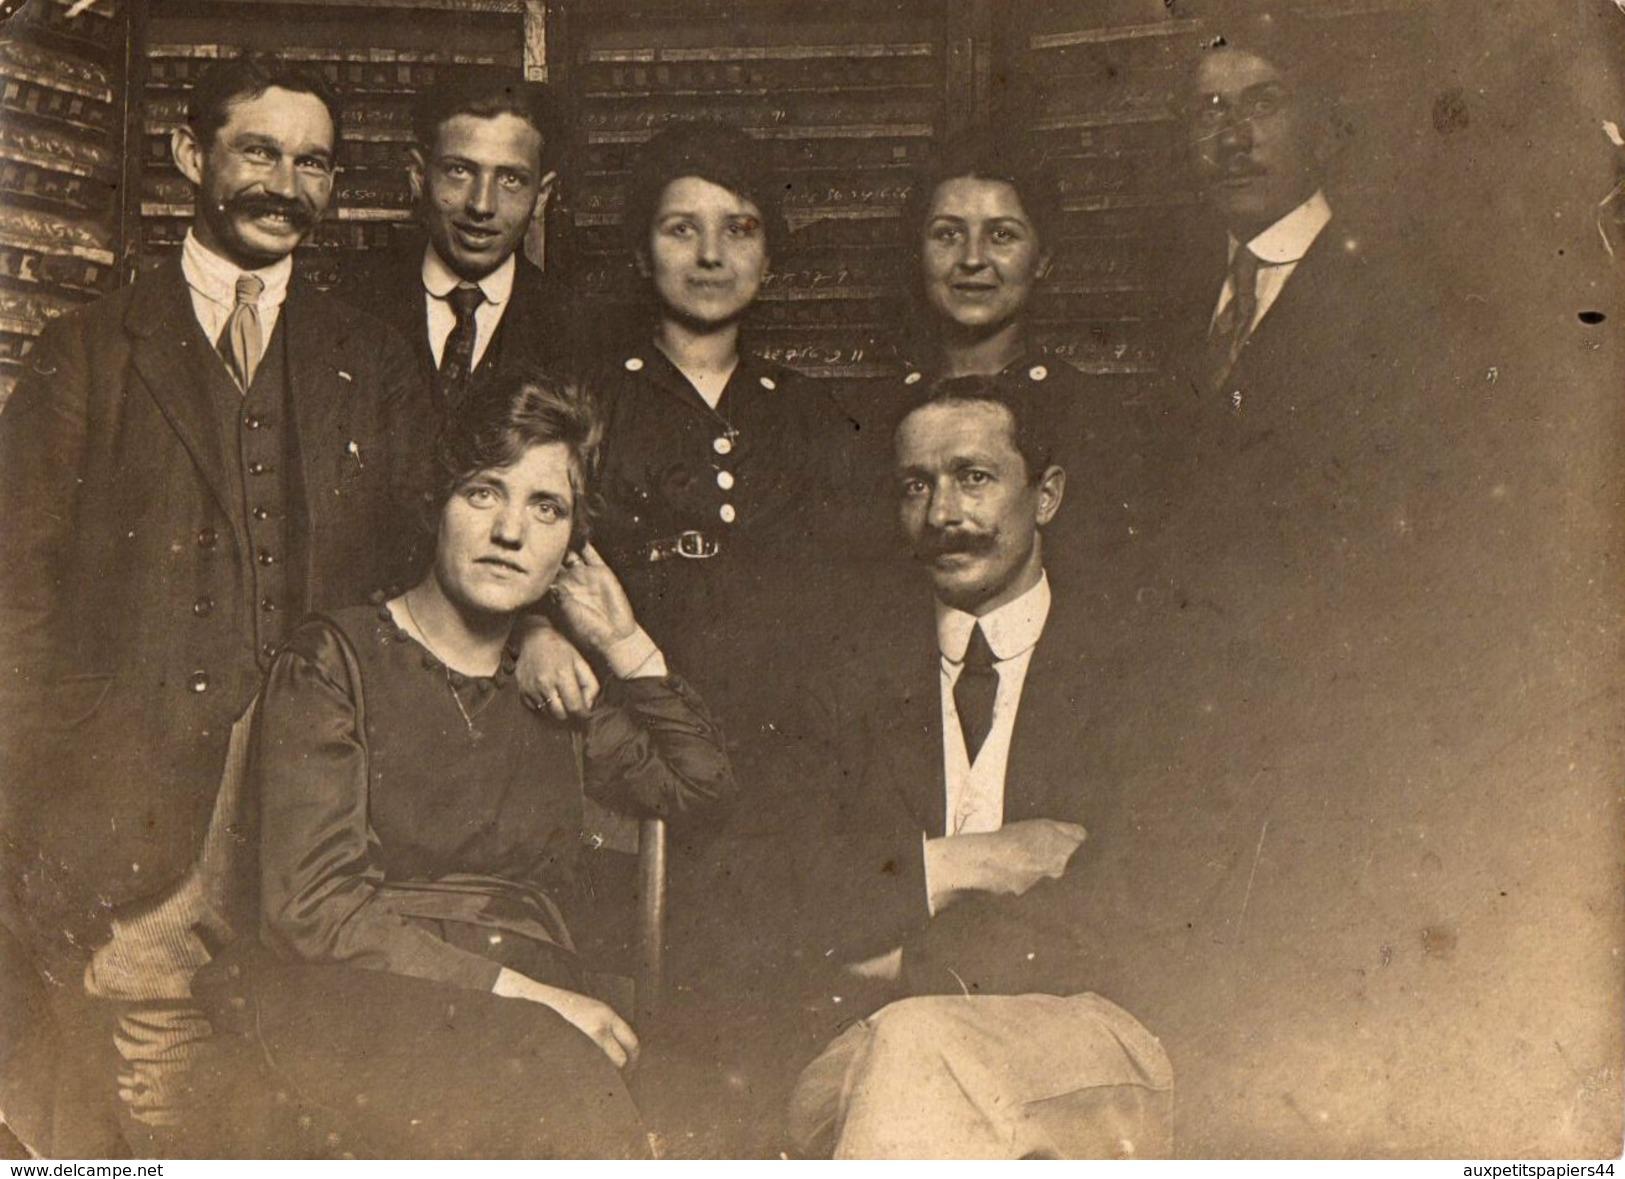 Photo Originale Albuminée Collègues De Travail Devant Linéaire à Identifier - Archives, Imprimerie ??? Vers 1910/20 - Métiers